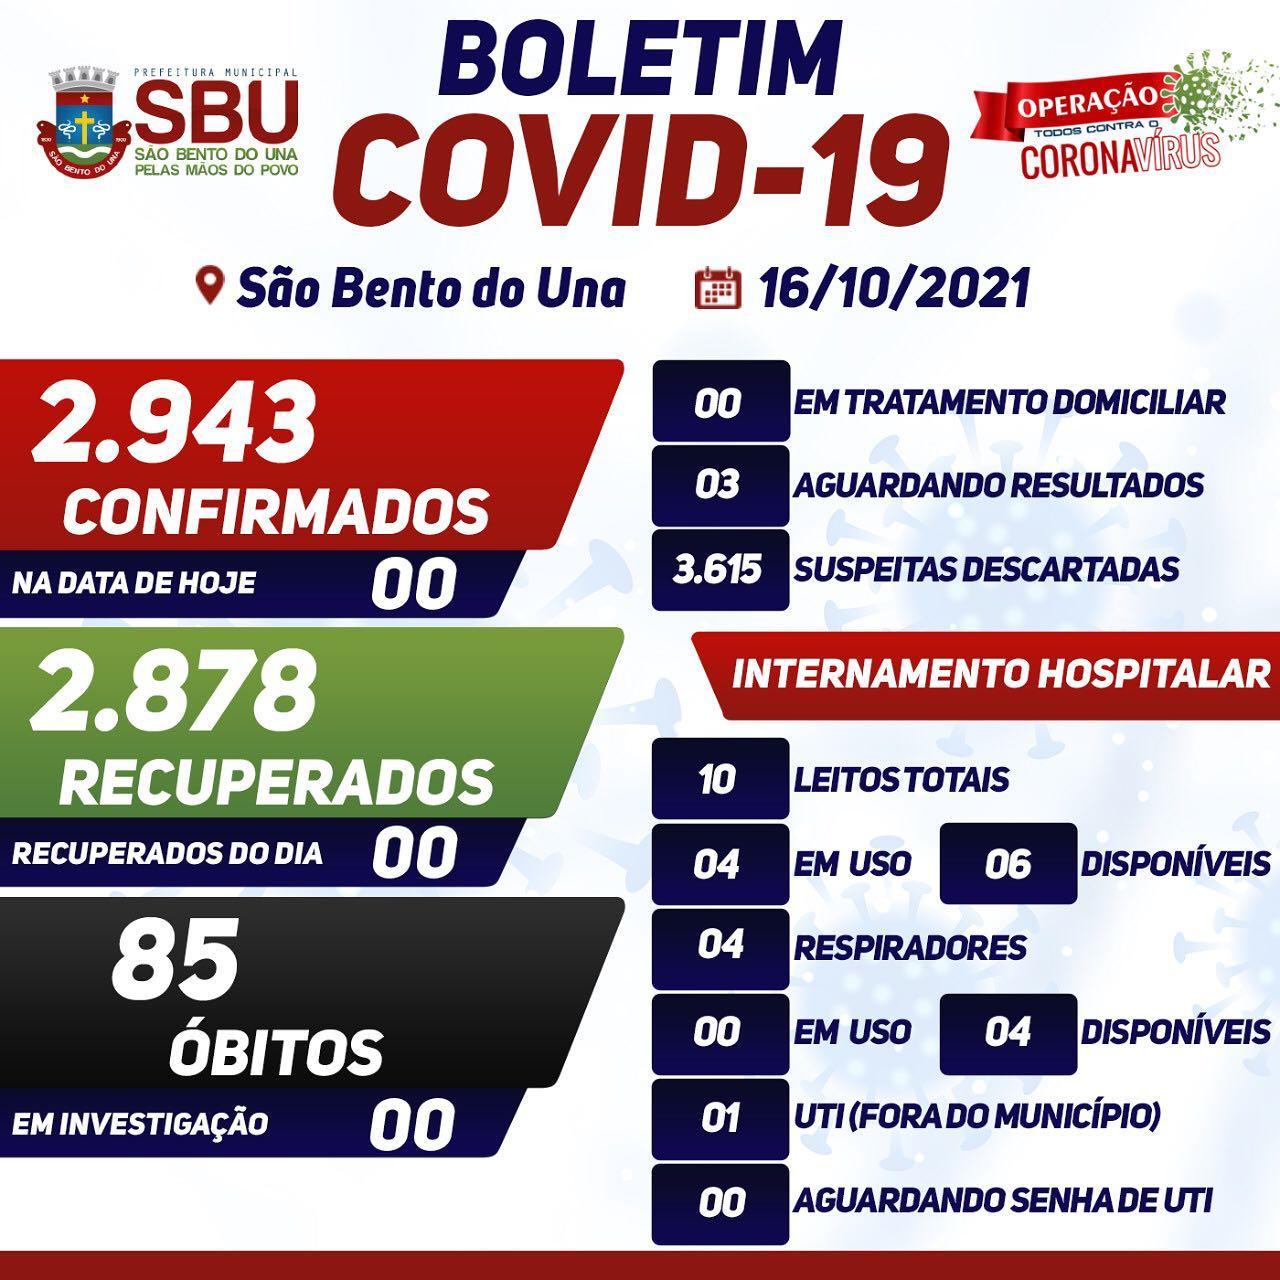 Boletim COVID-19 em 16/10/2021